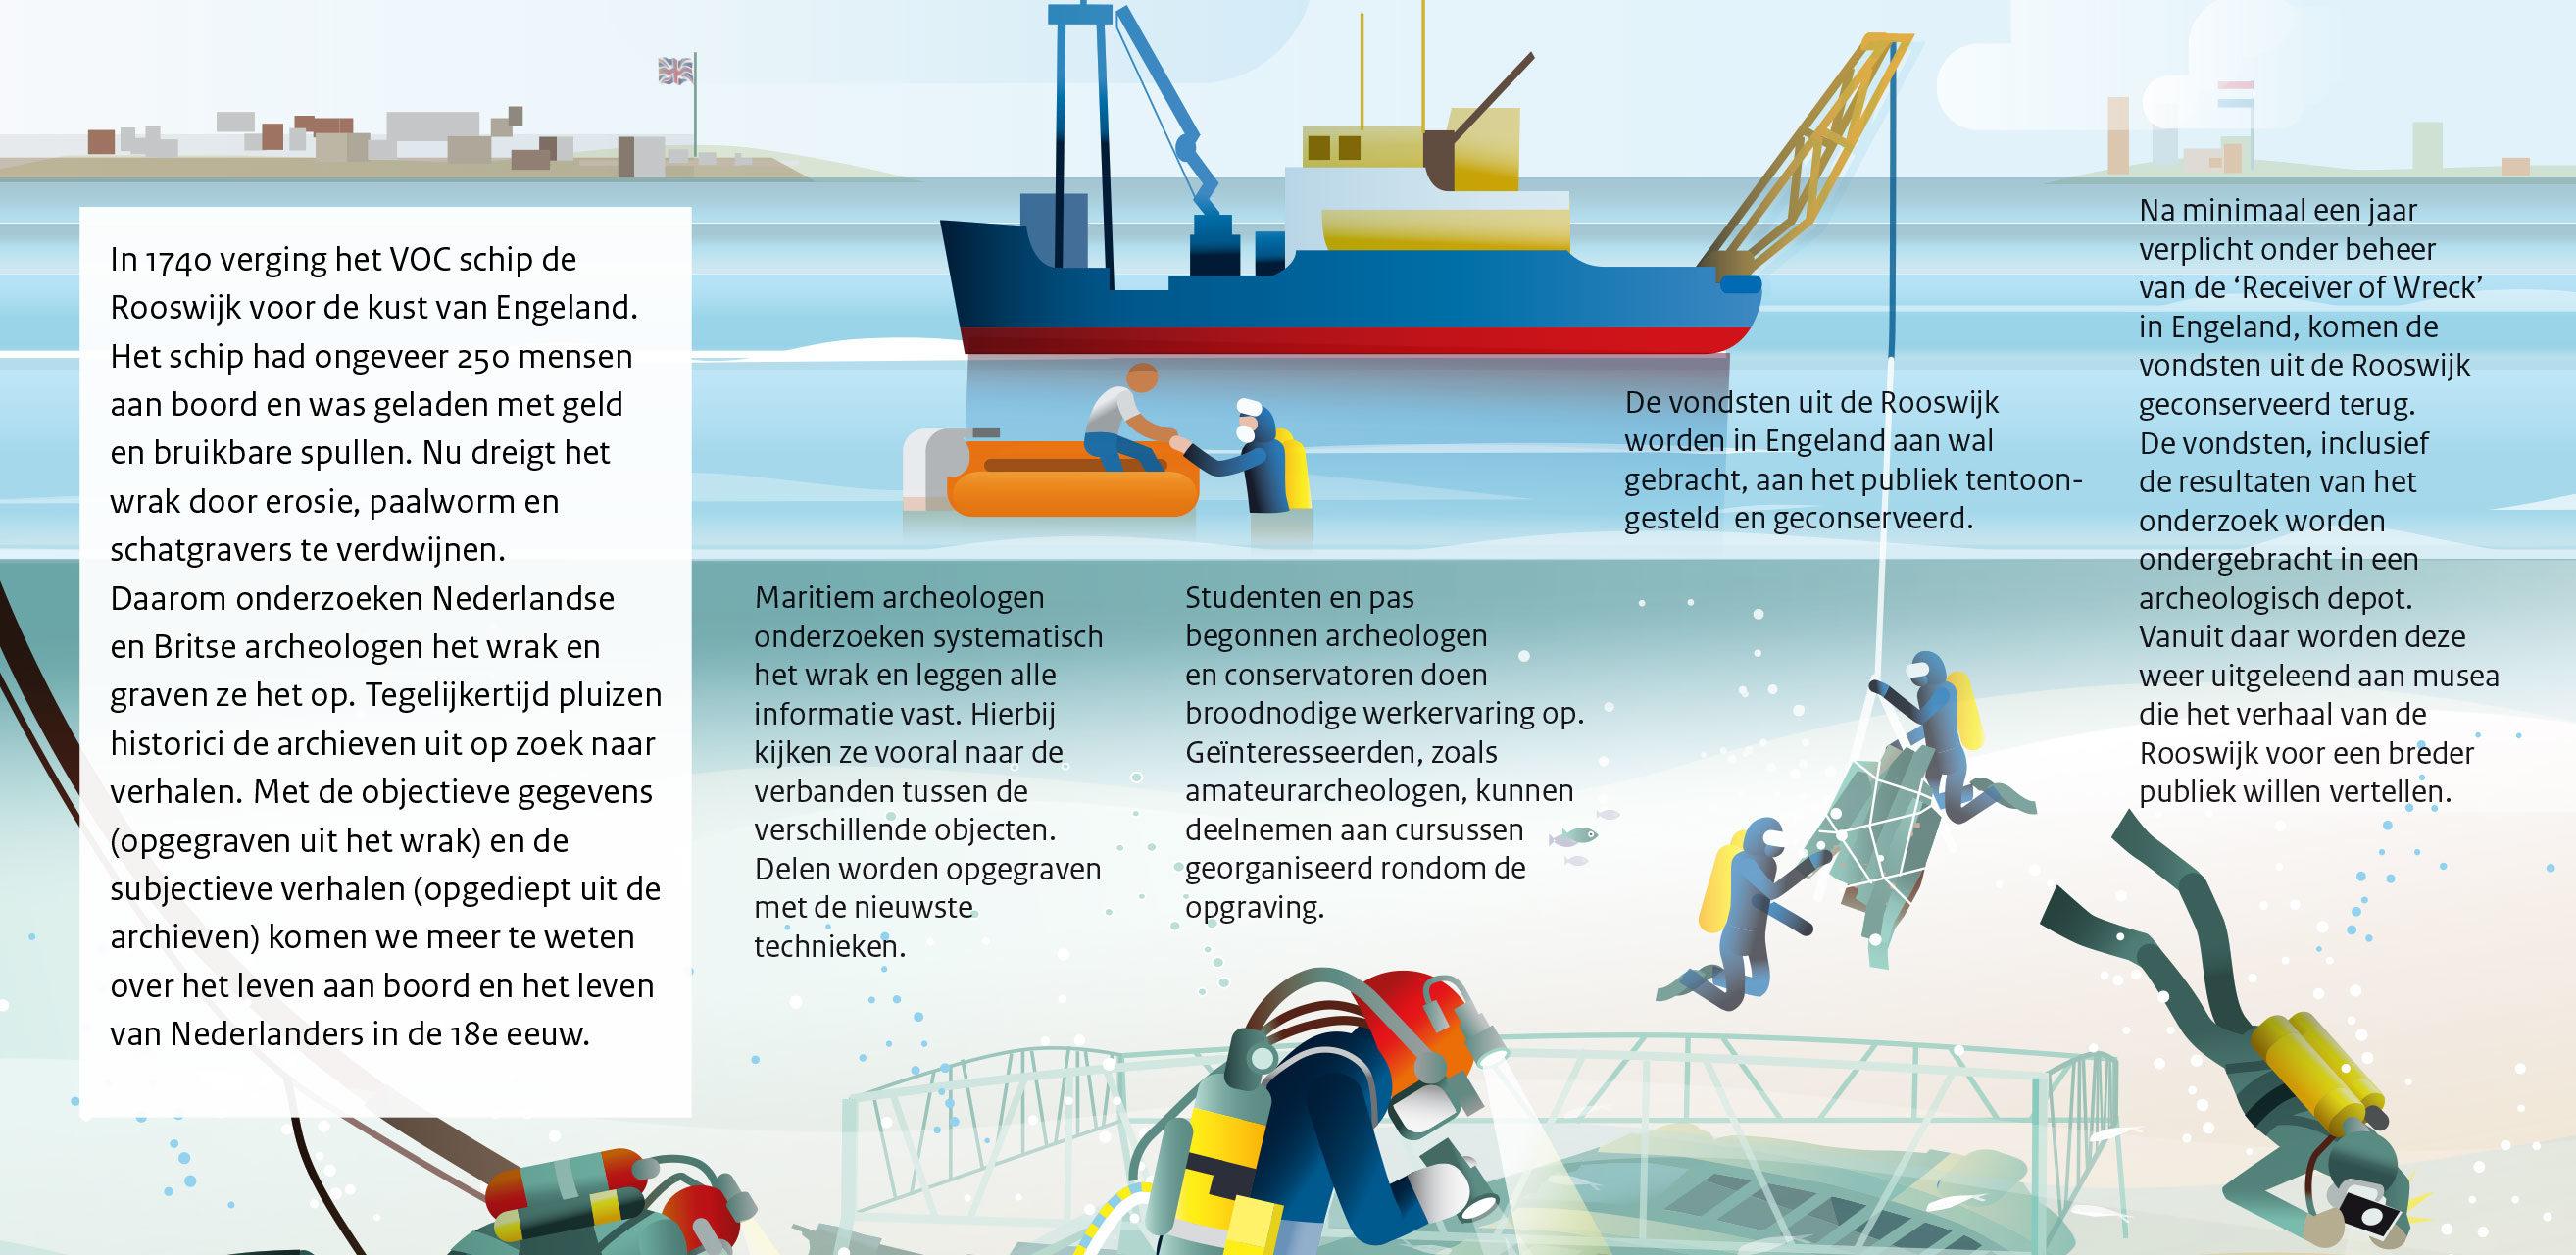 VOC-schip 'De Rooswijk' boven water